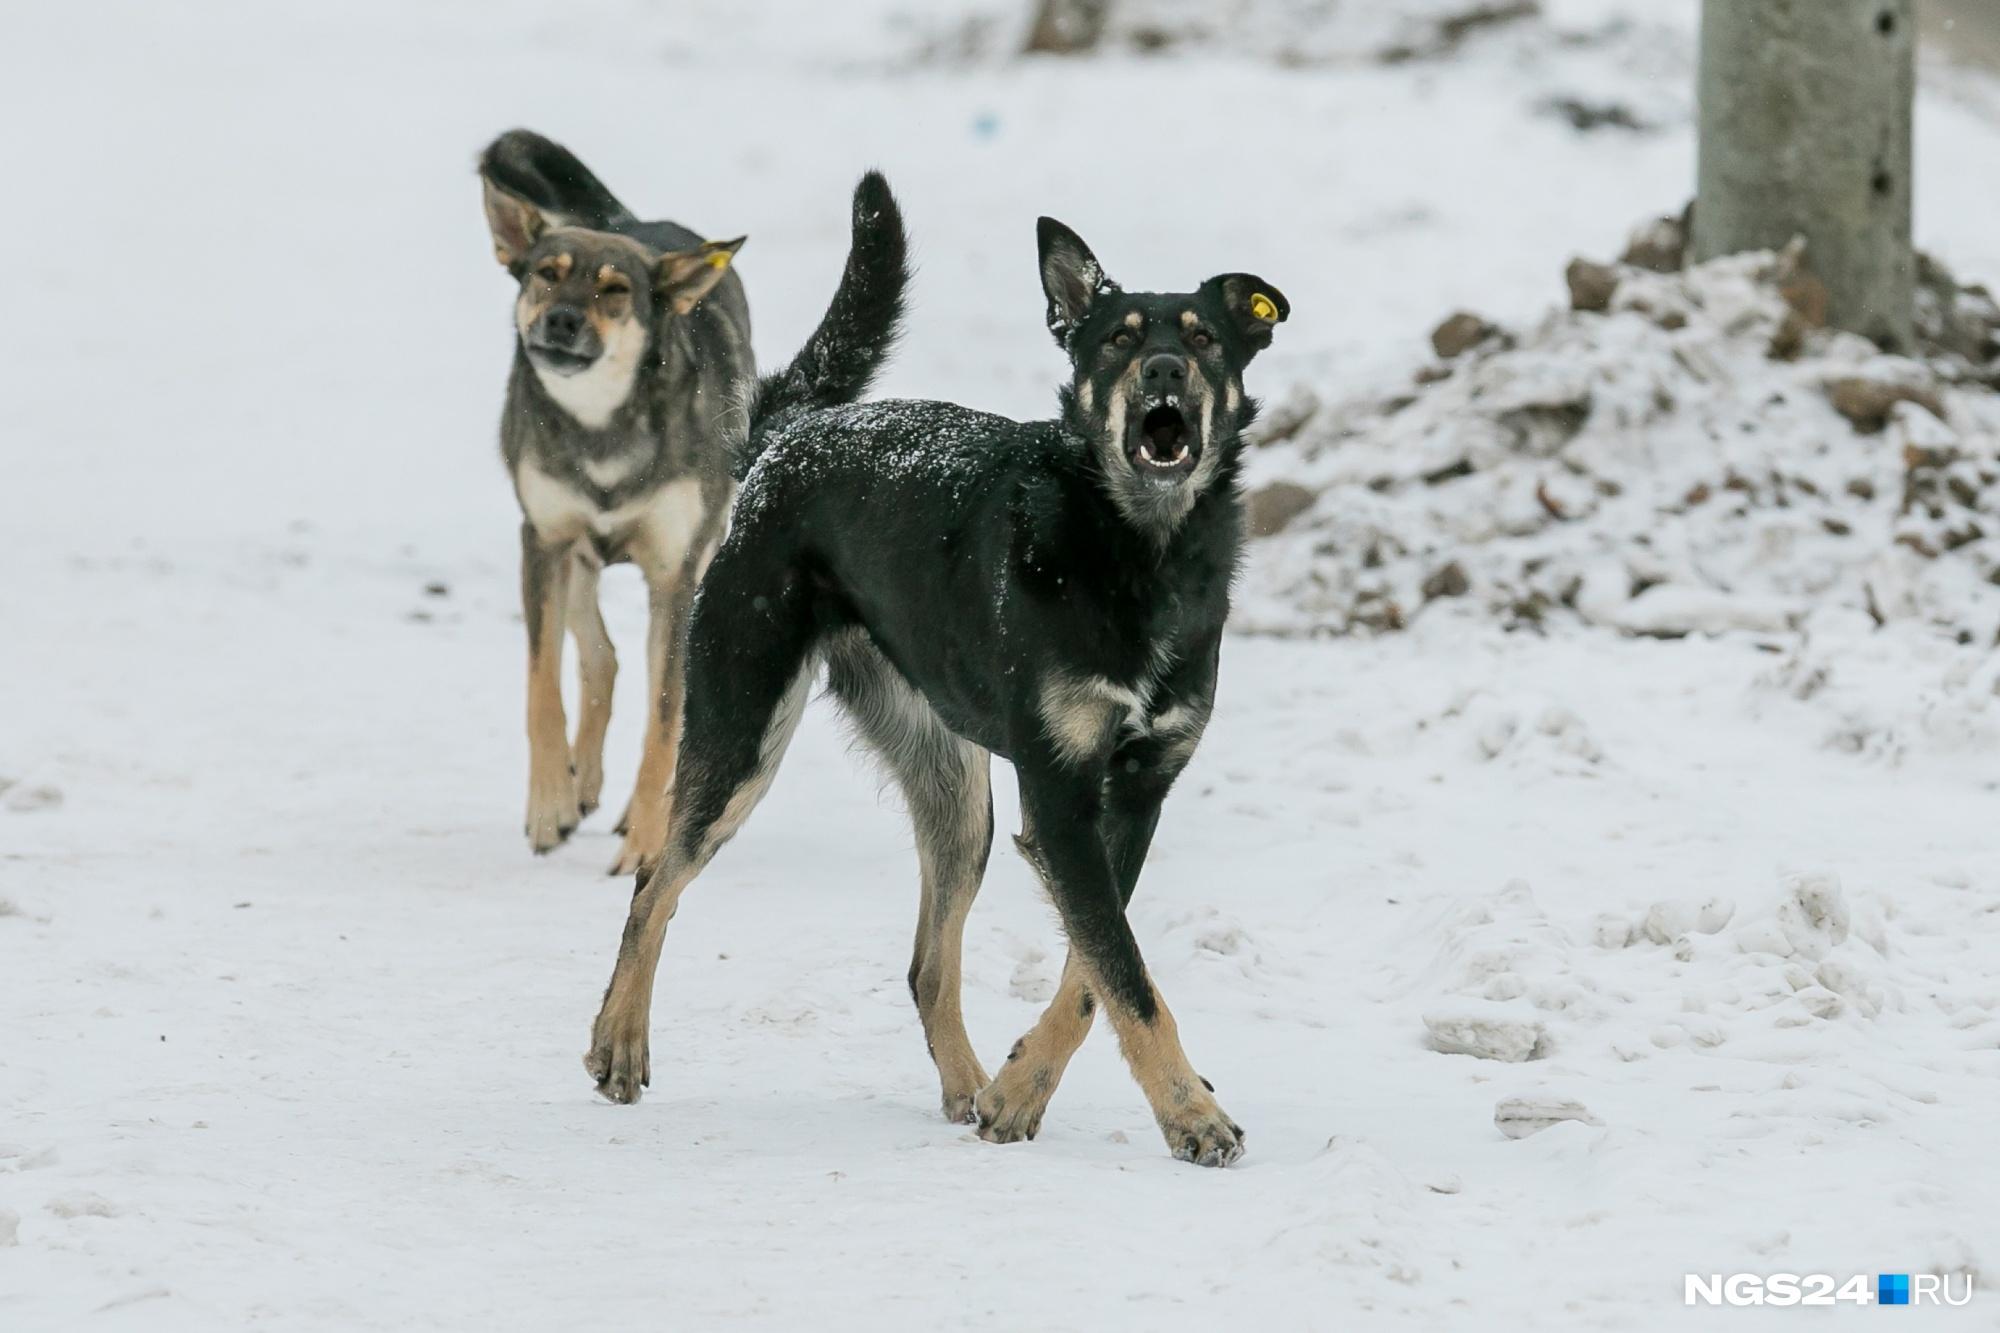 Прокуратура обвинила власти Красноярска в неэффективной работе по отлову собак